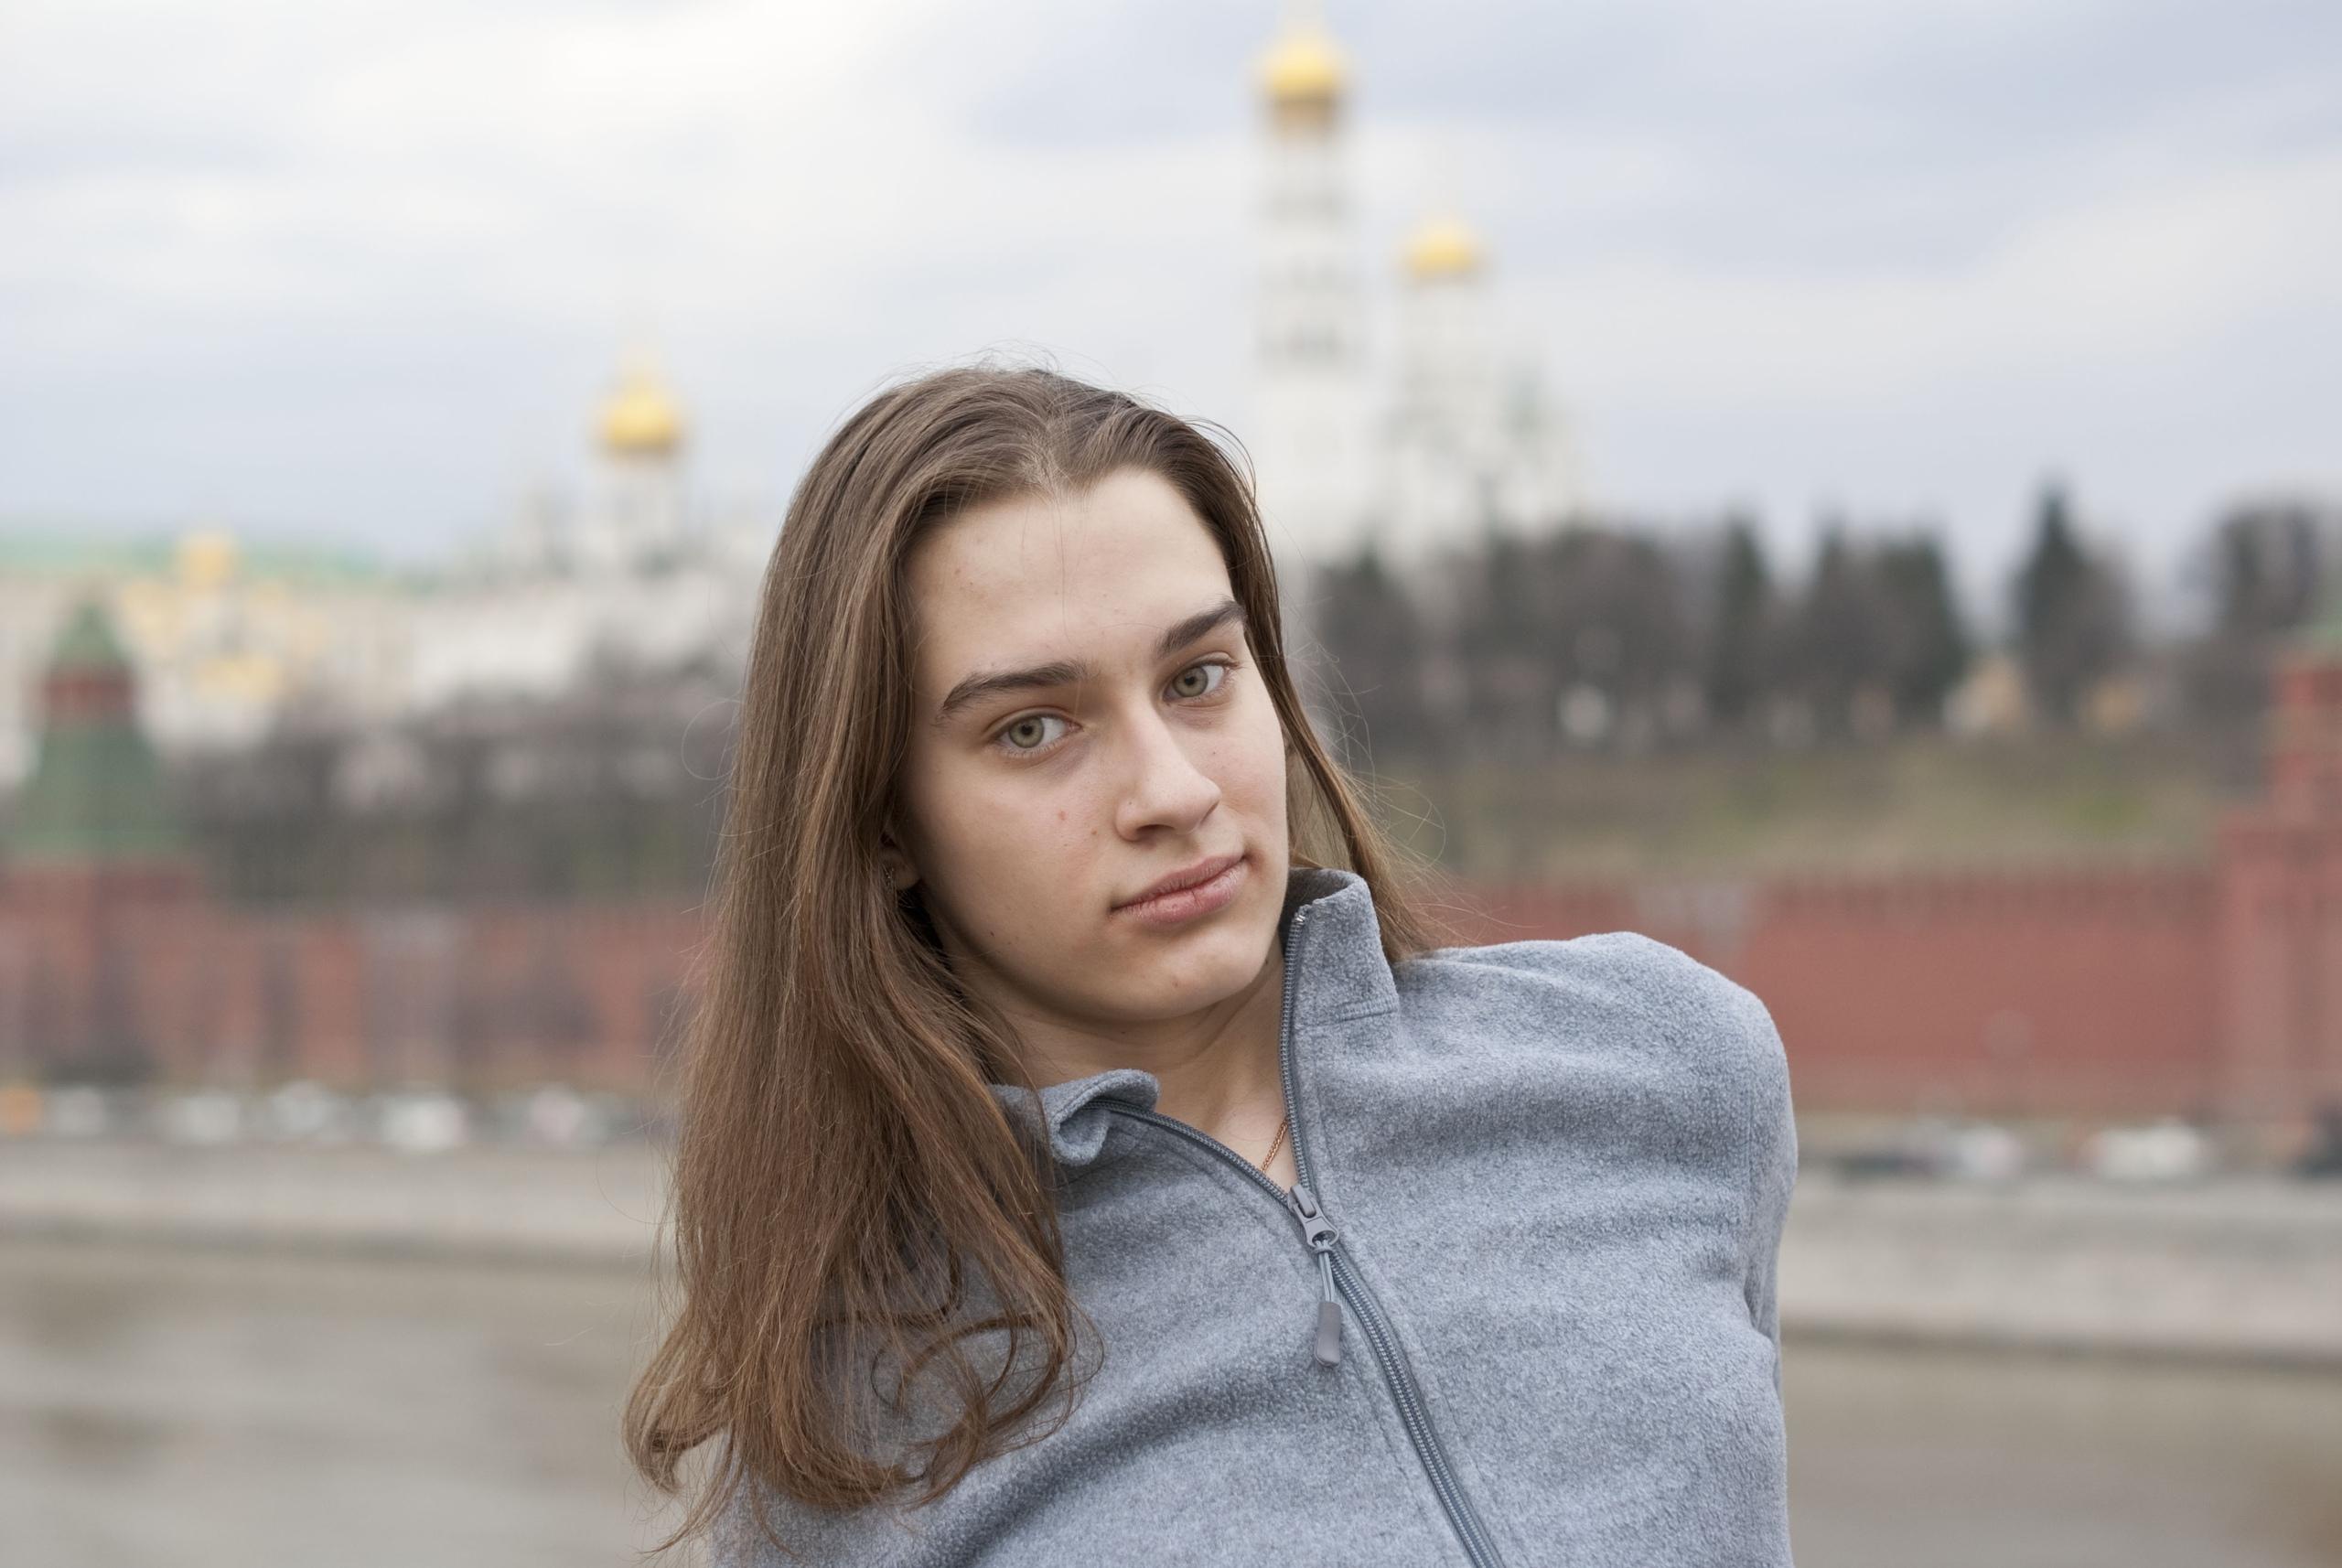 Анна Петрова: «Даже из самой сложной ситуации всегда есть выход»